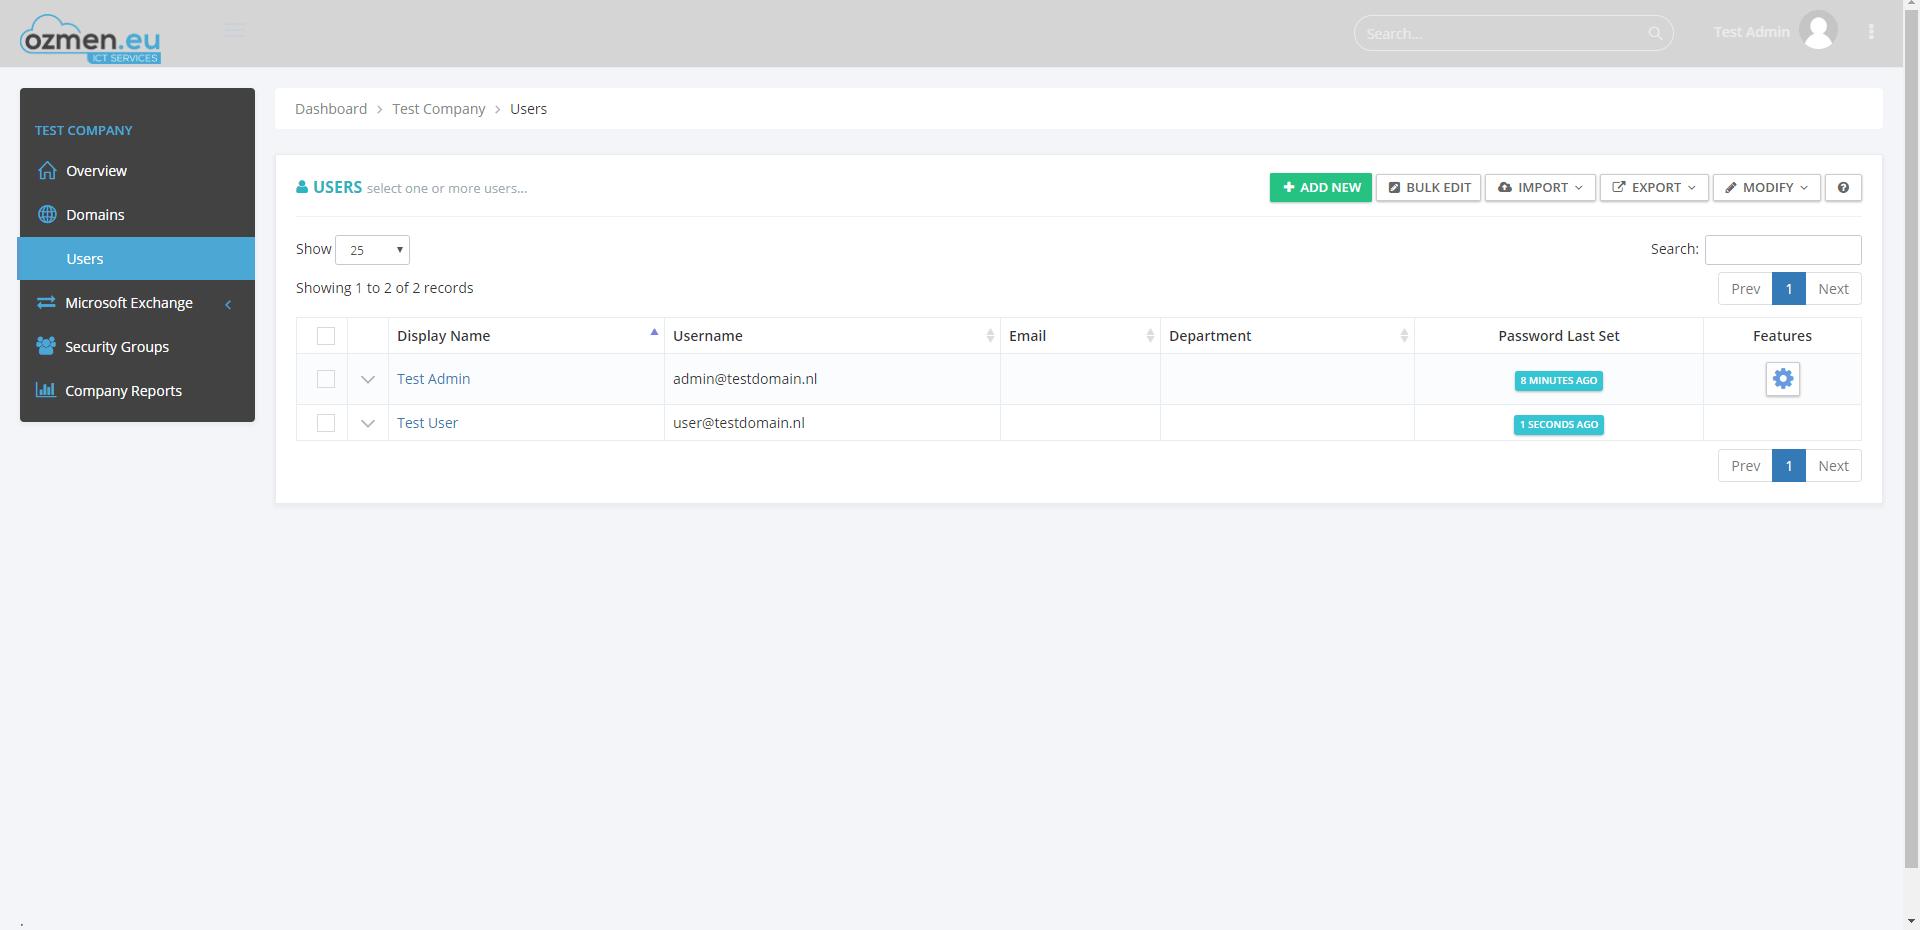 Voeg/Verwijder/Lock/Unlock gebruikers in een handomdraai